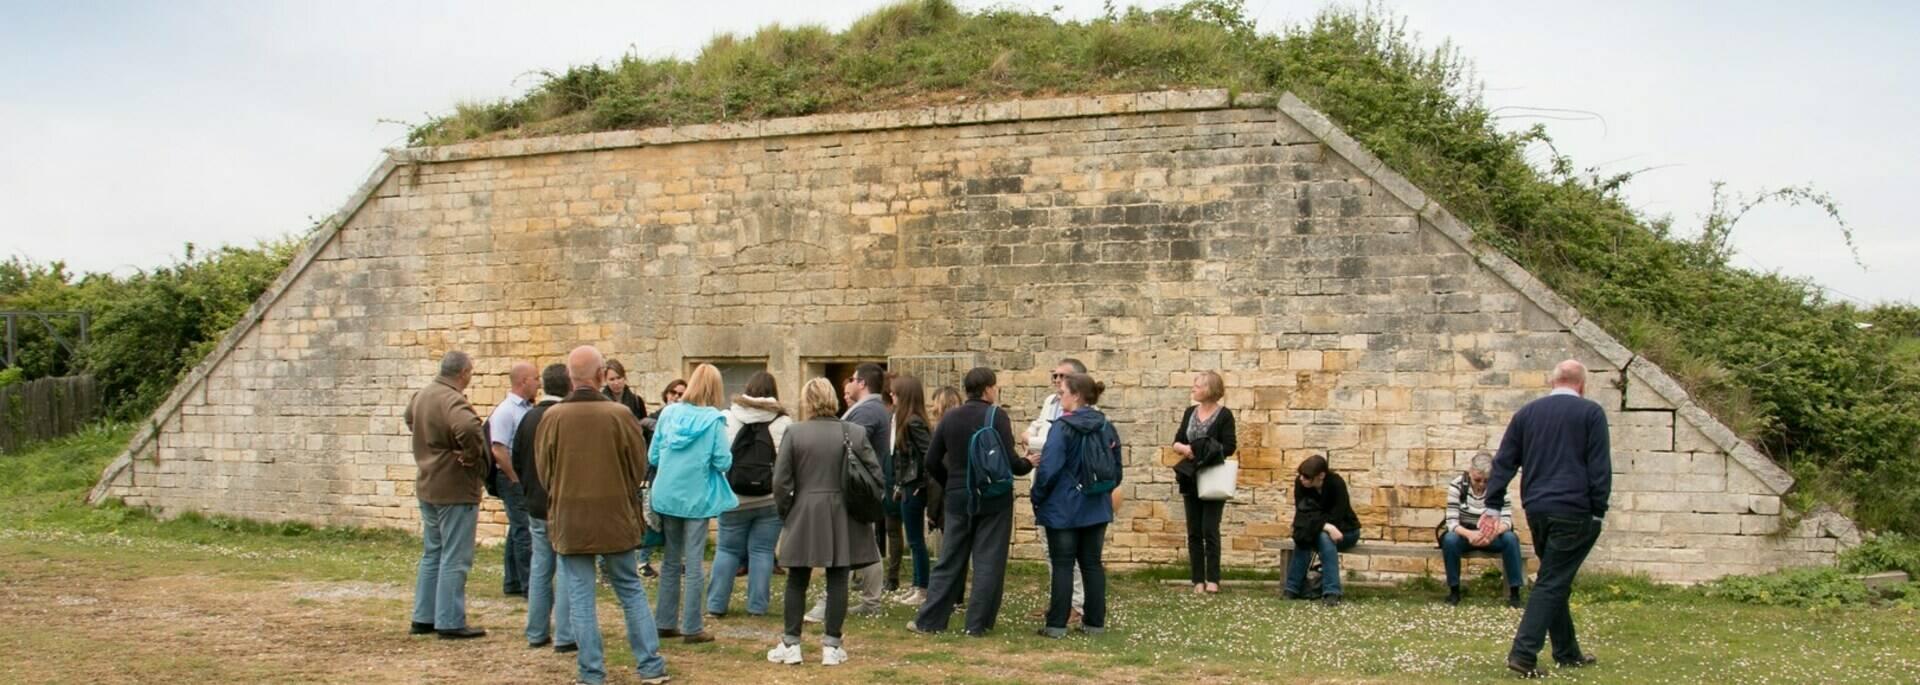 Rassemblement pour le commentaire de la visite du fort de l'île Madame - © Office de tourisme Rochefort Océan